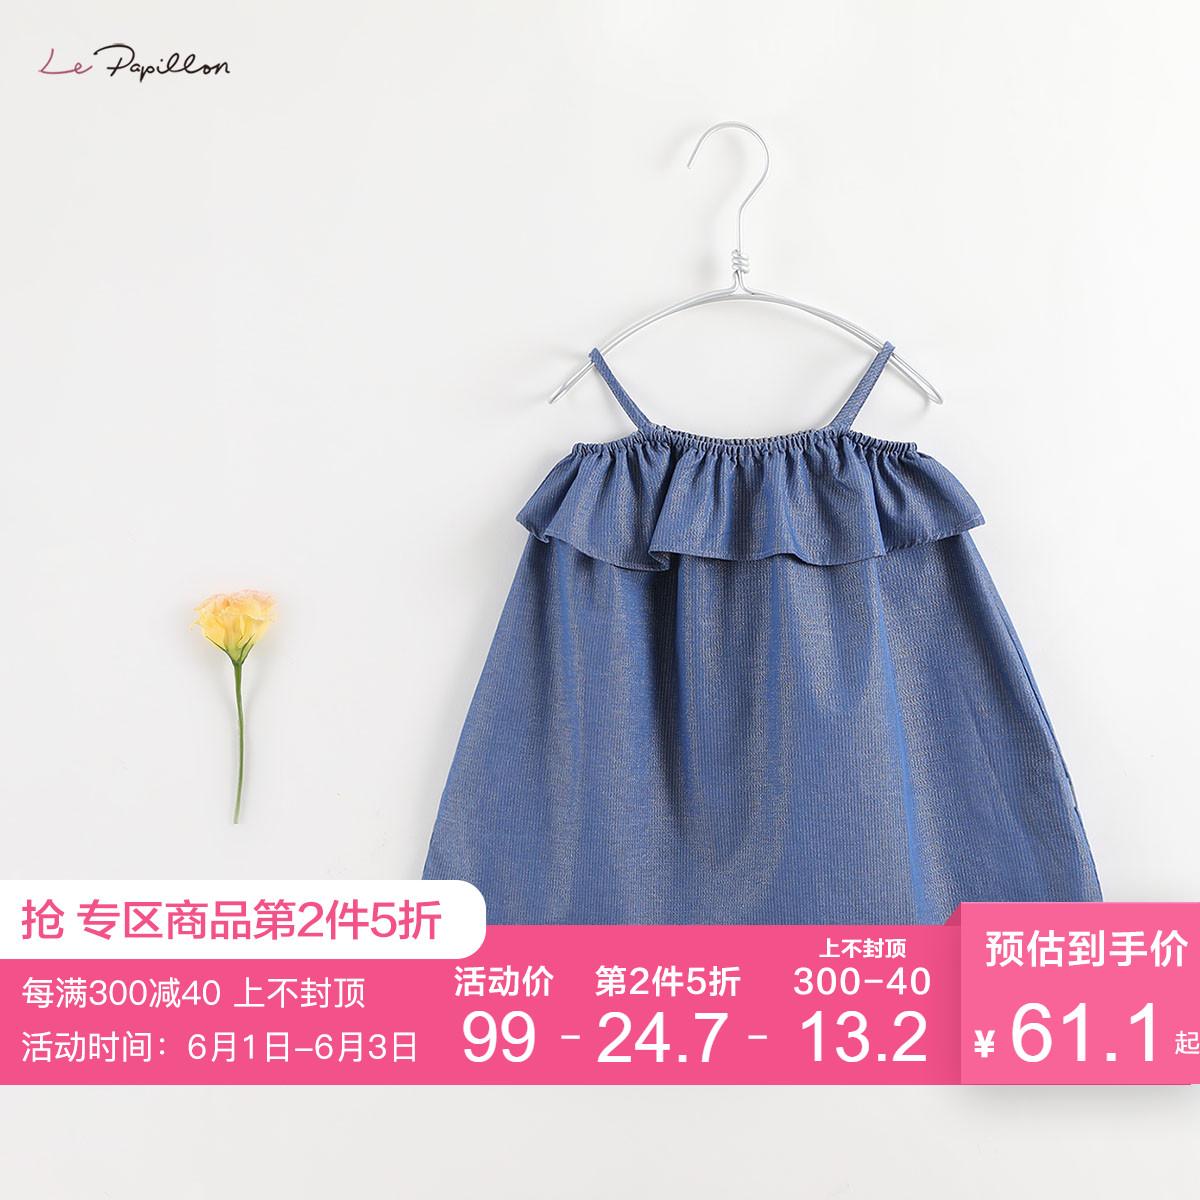 【马克珍妮 法式系列】女童夏装吊带连衣裙 宝宝牛仔裙19725